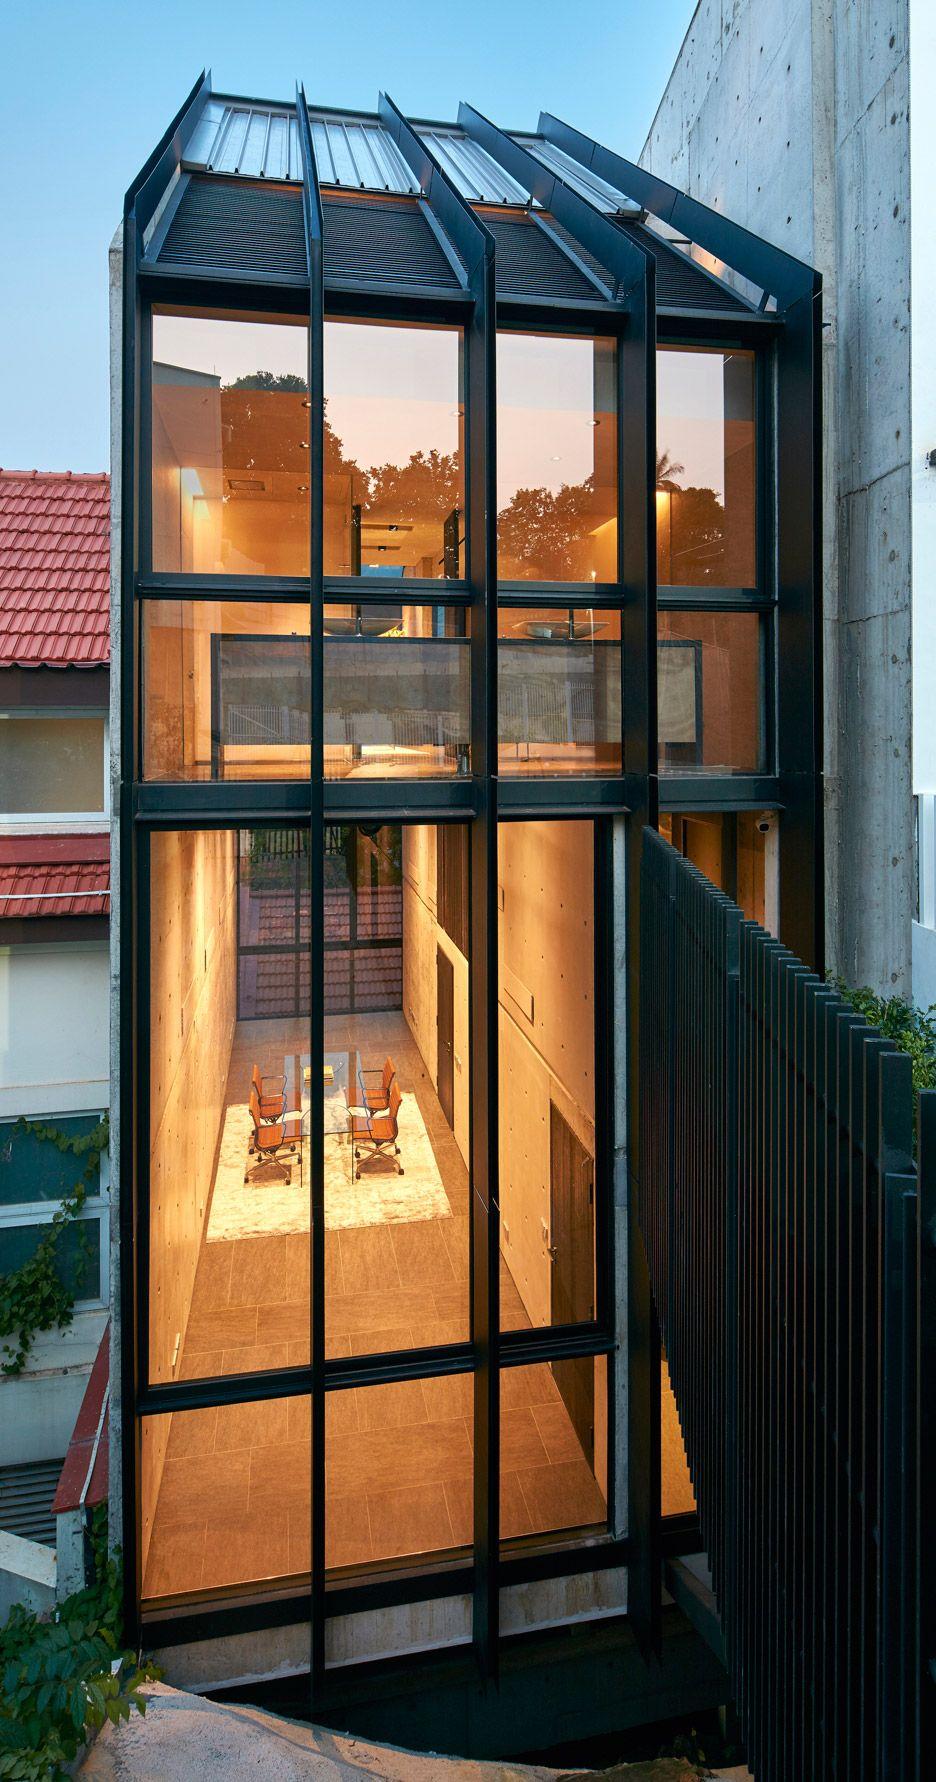 WOW Architects converts Singapore shophouse into art venue